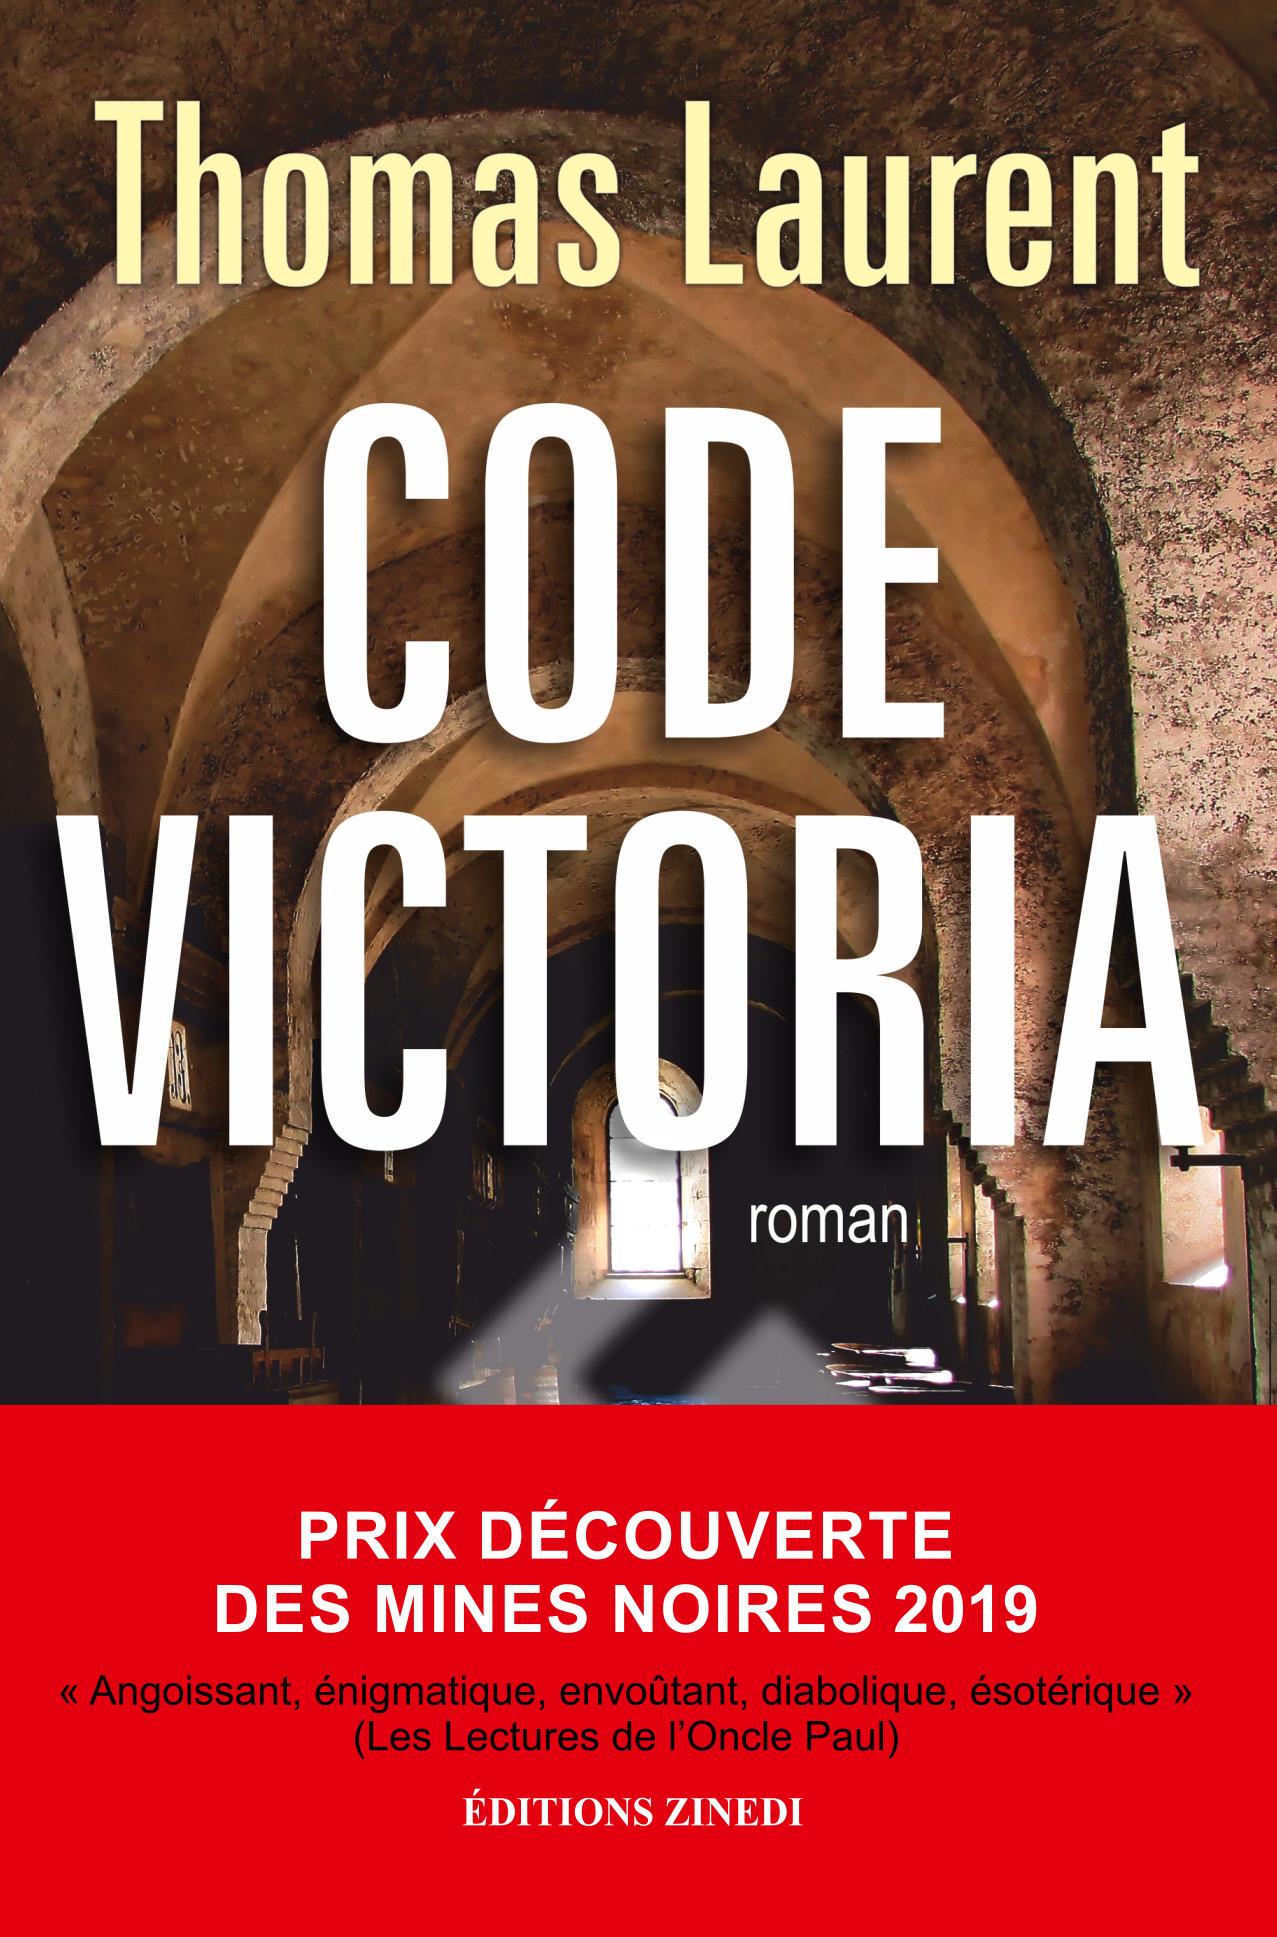 Prix Découverte des Mines Noires 2019 pour Code Victoria